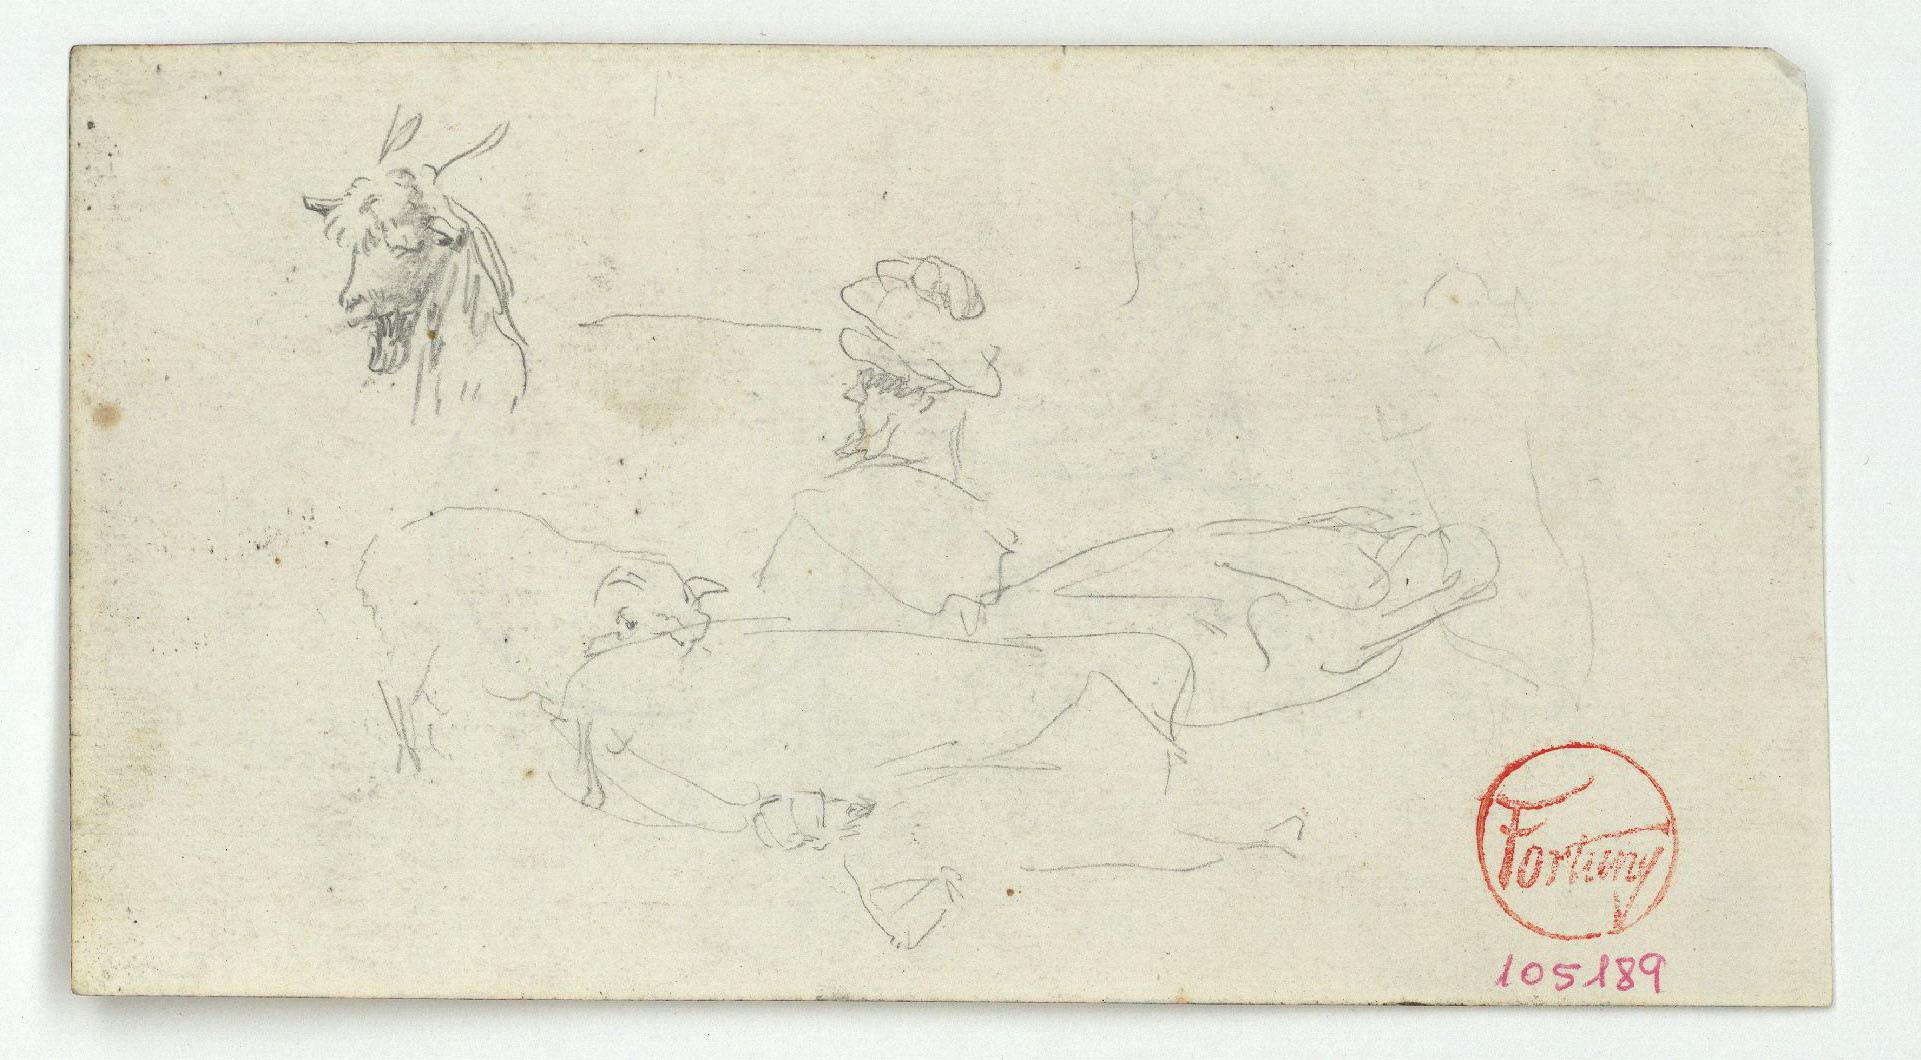 Marià Fortuny - Cap de cabra i croquis inconcrets (anvers) / Croquis inconcret (revers) - Cap a 1860-1862